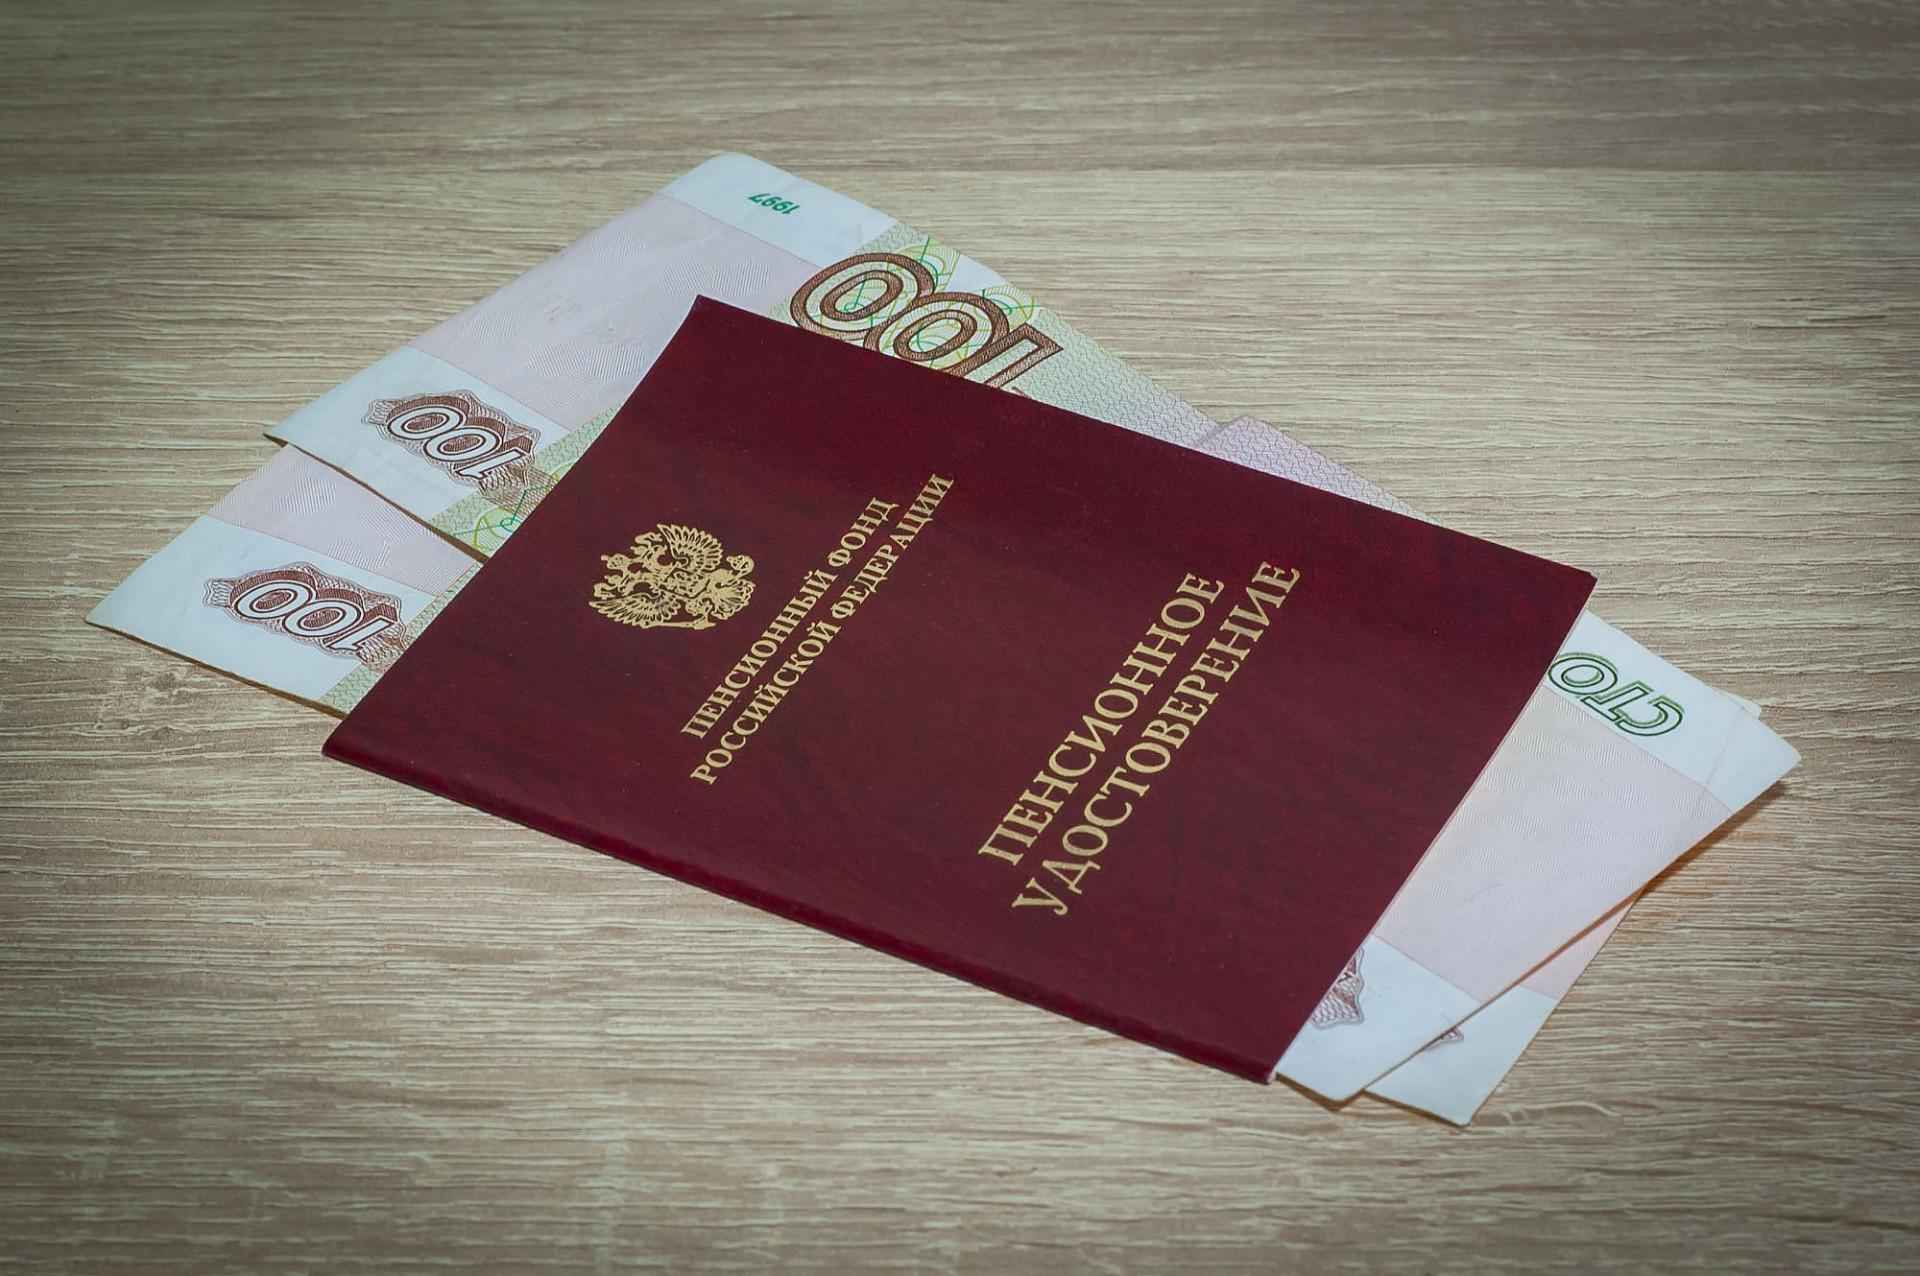 Кассиры организации «Ветеран» пройдут проверку полиграфом